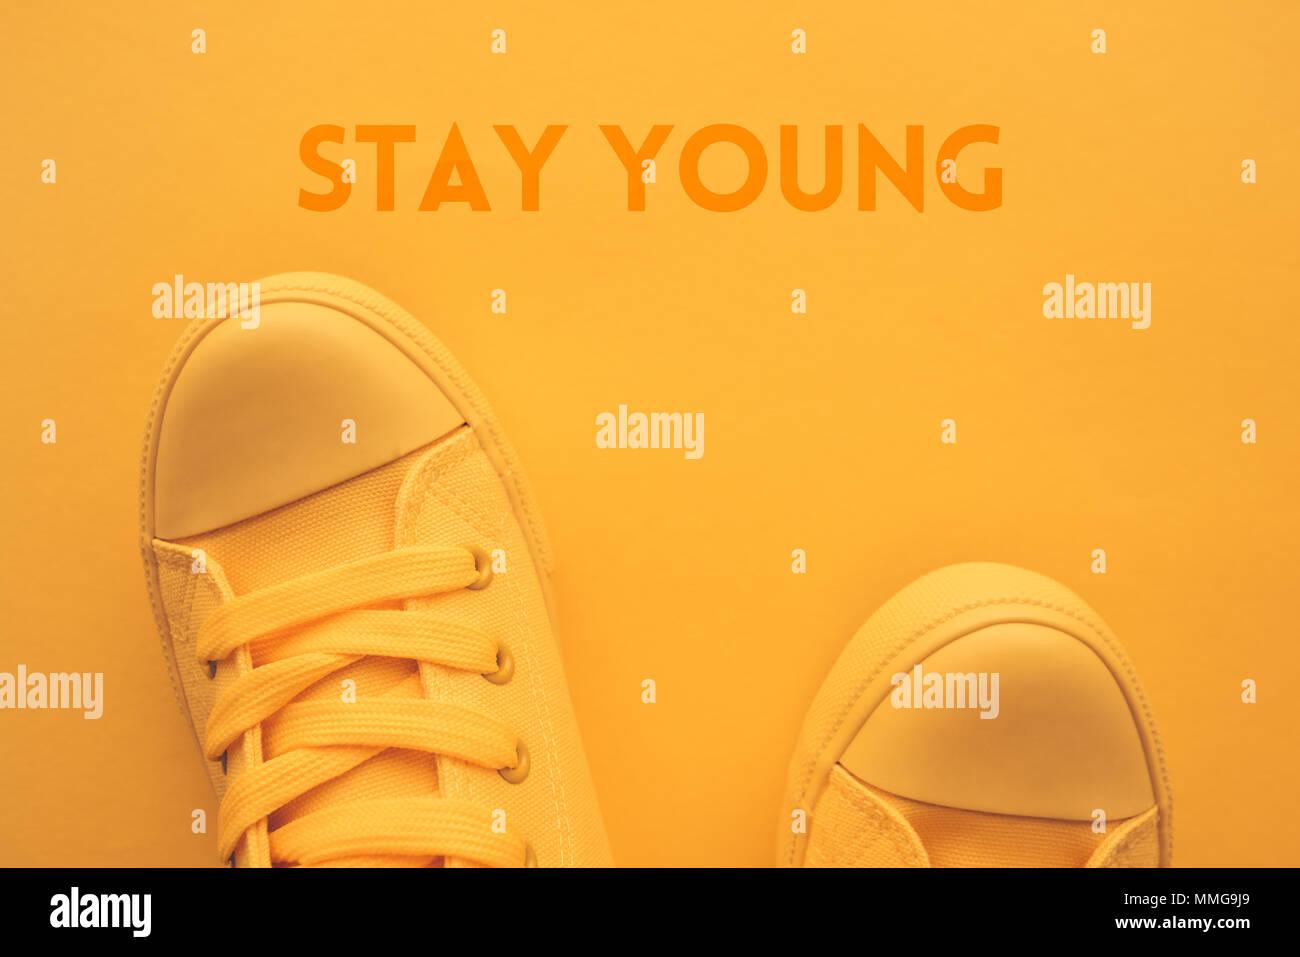 Rimanere giovani concetto con vista dall'alto di teenager i piedi nelle eleganti sneakers giallo Immagini Stock